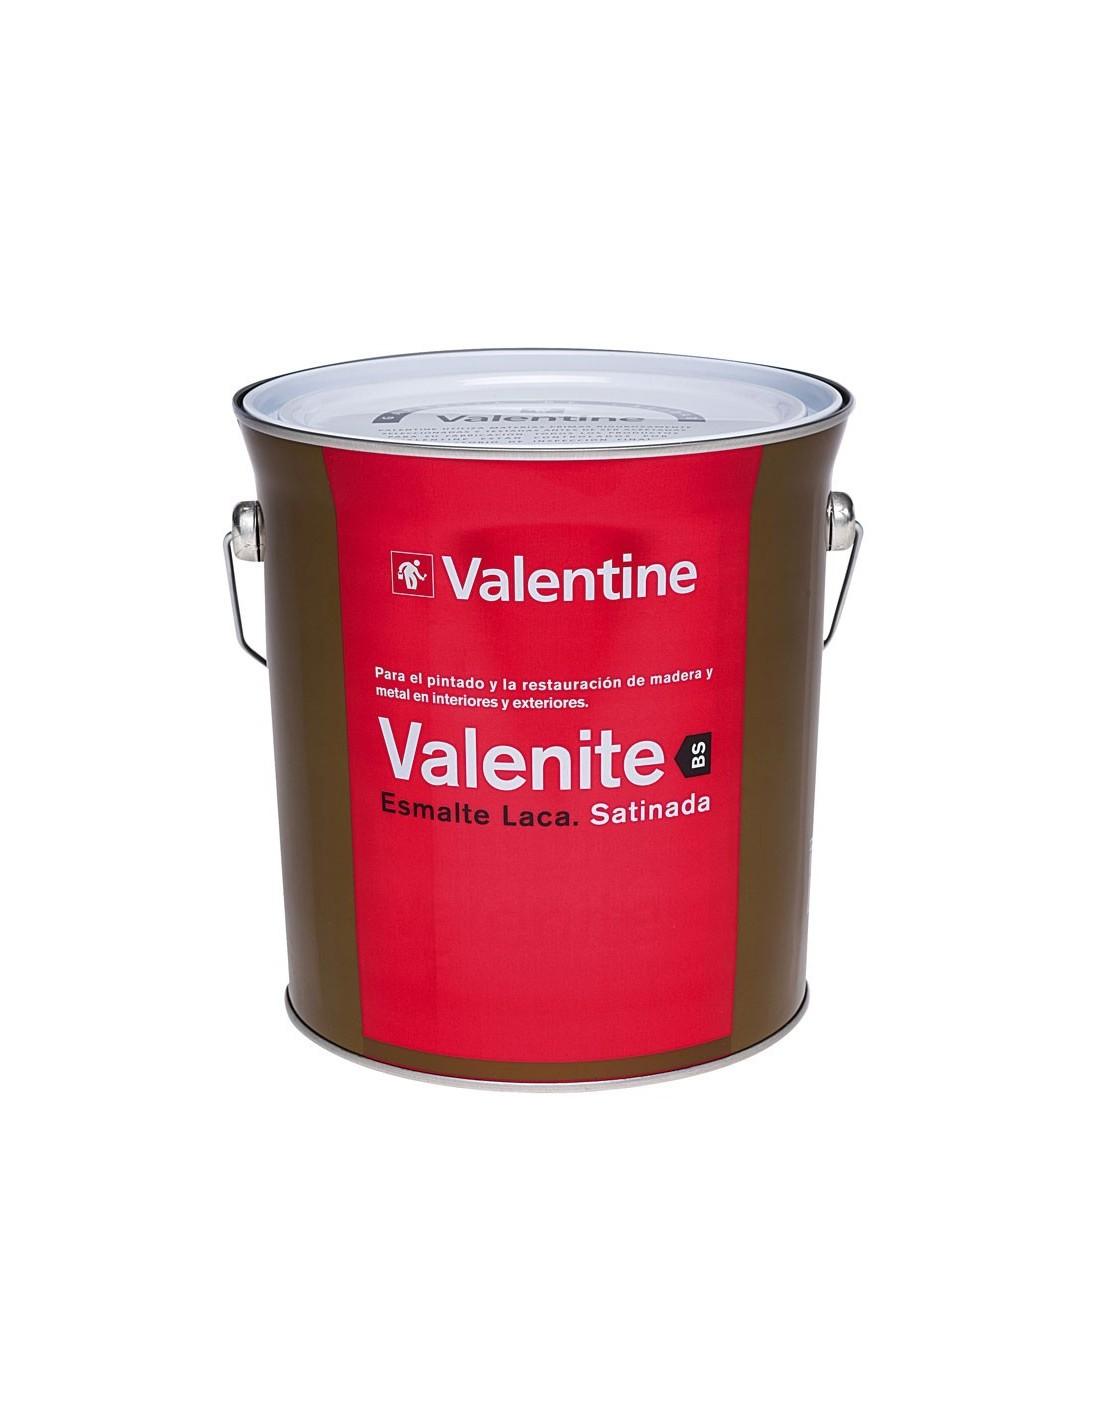 Valentine esmalte laca satinada pinturas m laga sol - Pintura satinada blanca ...